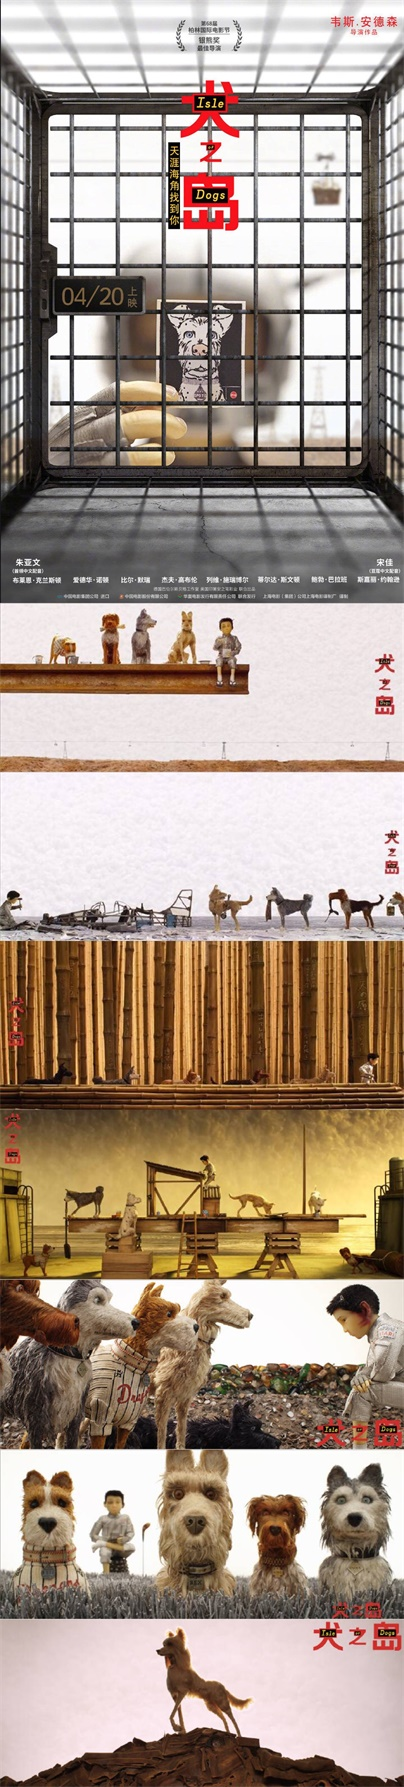 《龙猫》公布中国版海报,设计师黄海12年作品全回顾!